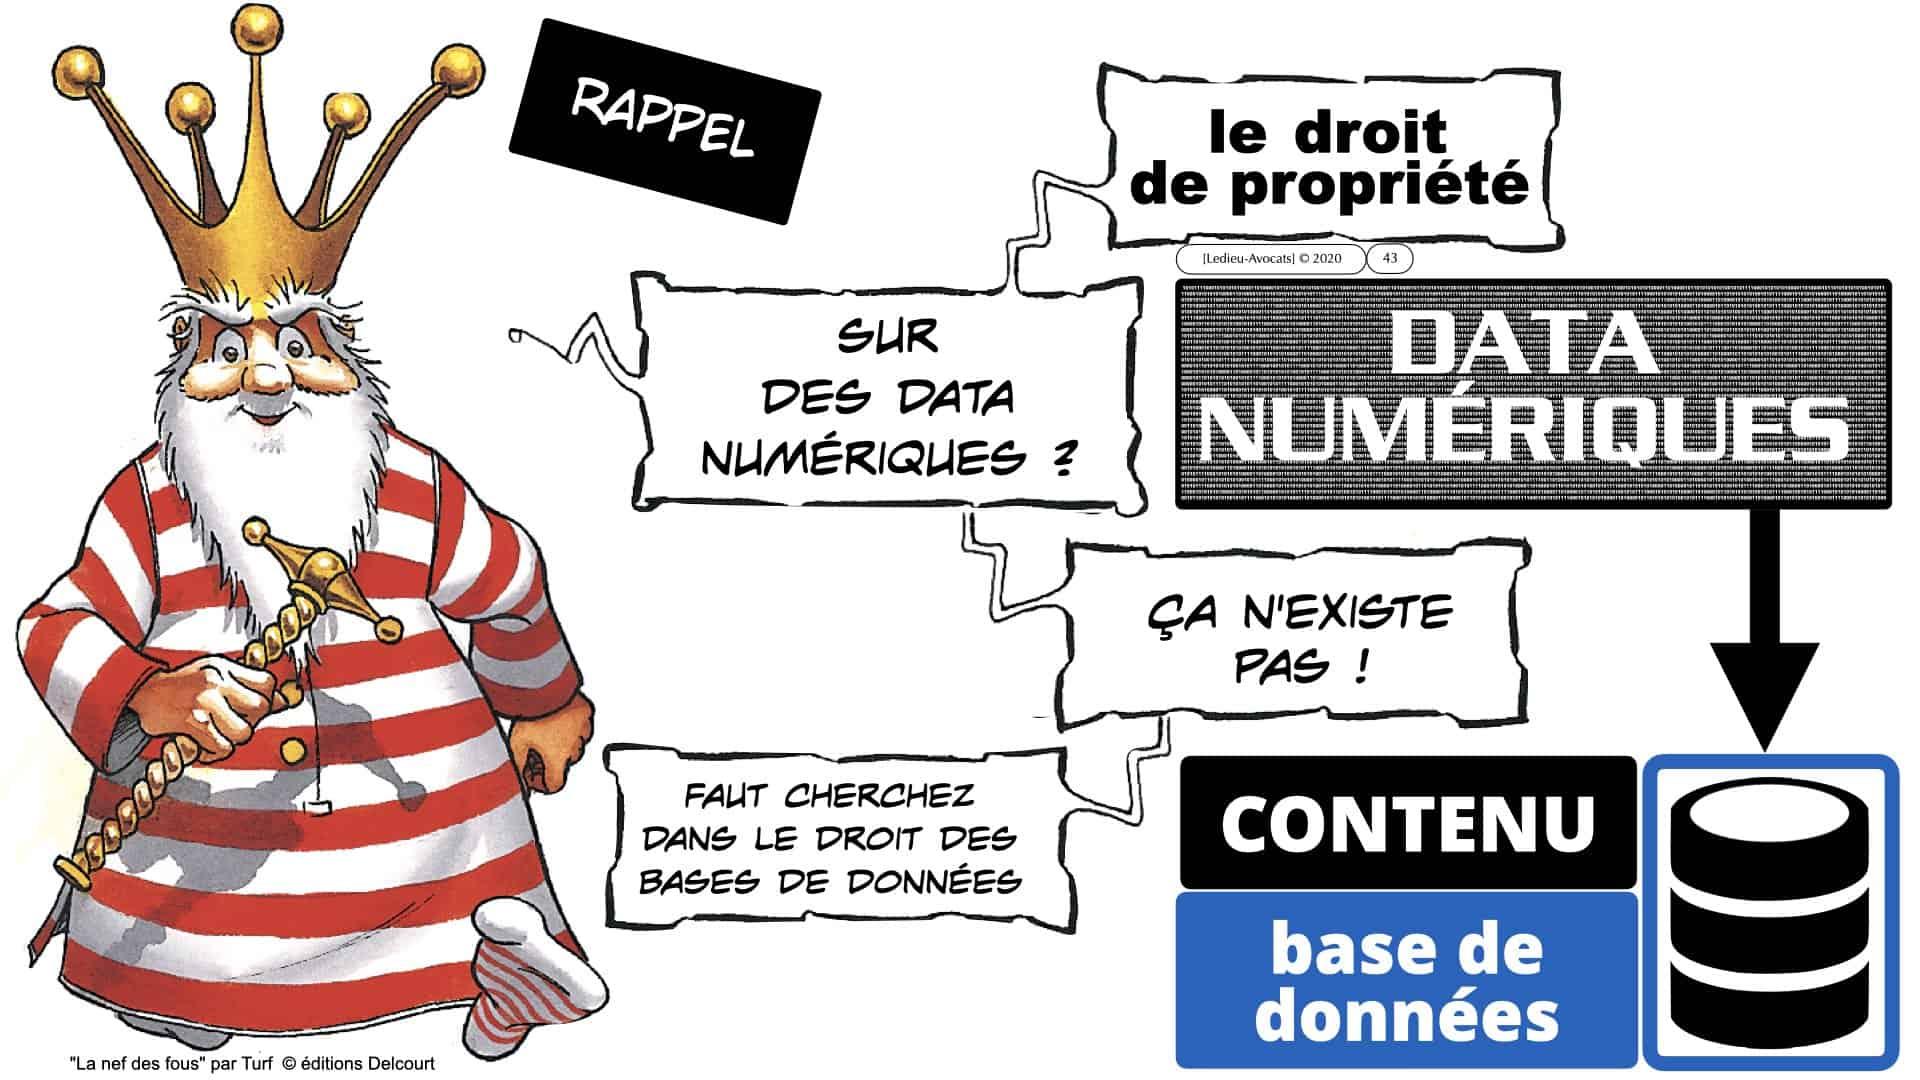 données personnelles pseudonymisation PAS DE DROIT DE PROPRIETE !